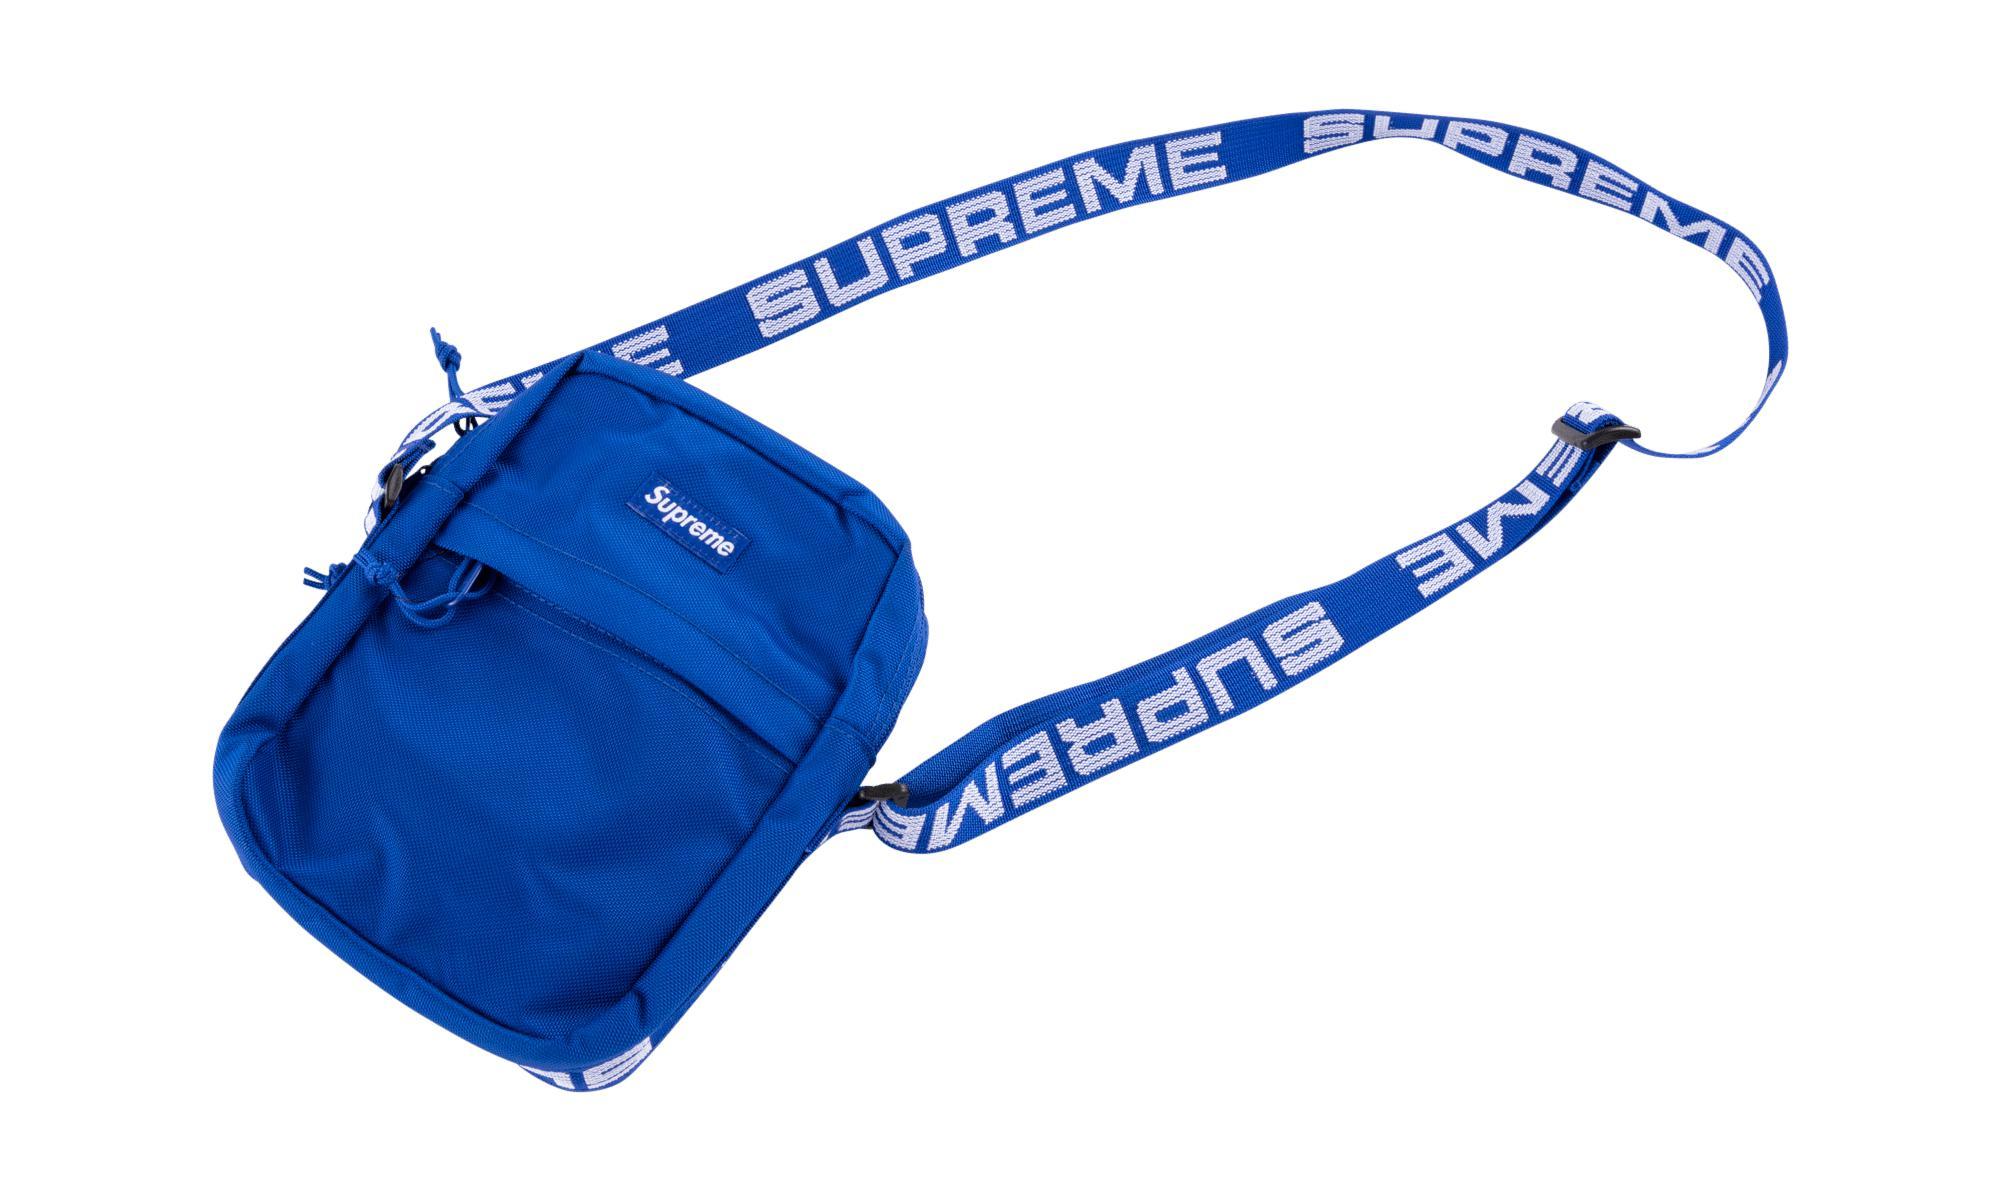 68f035267937 Lyst - Supreme Shoulder Bag in Blue for Men